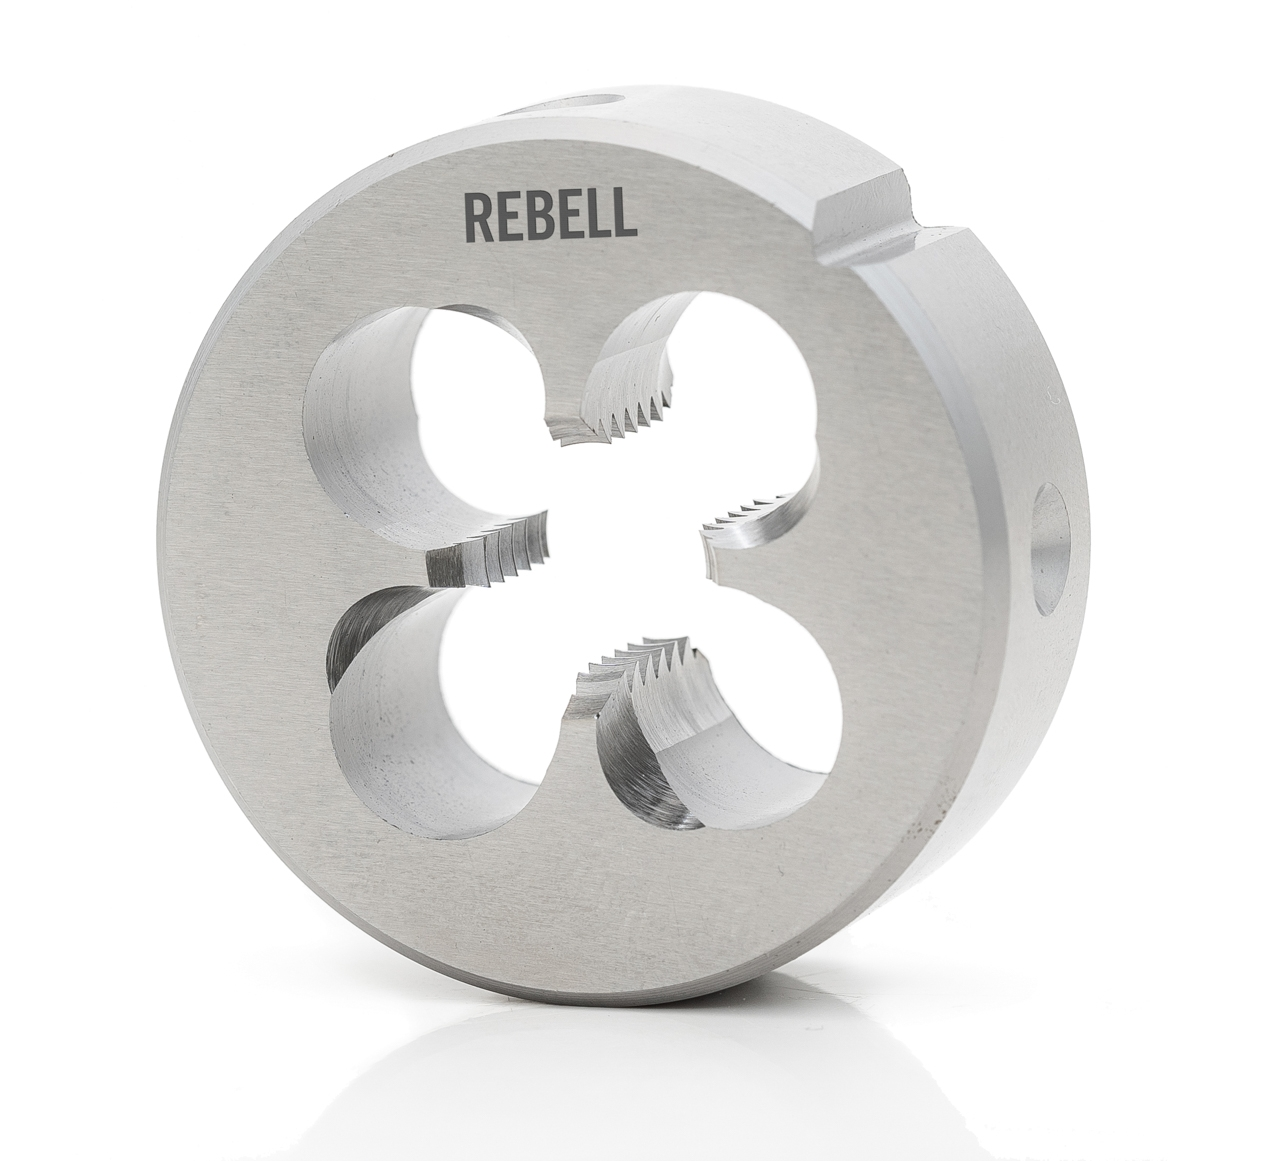 REBELL Schneideisen G RH A HSS mit Schälanschnitt - EN 24231 - Typ N